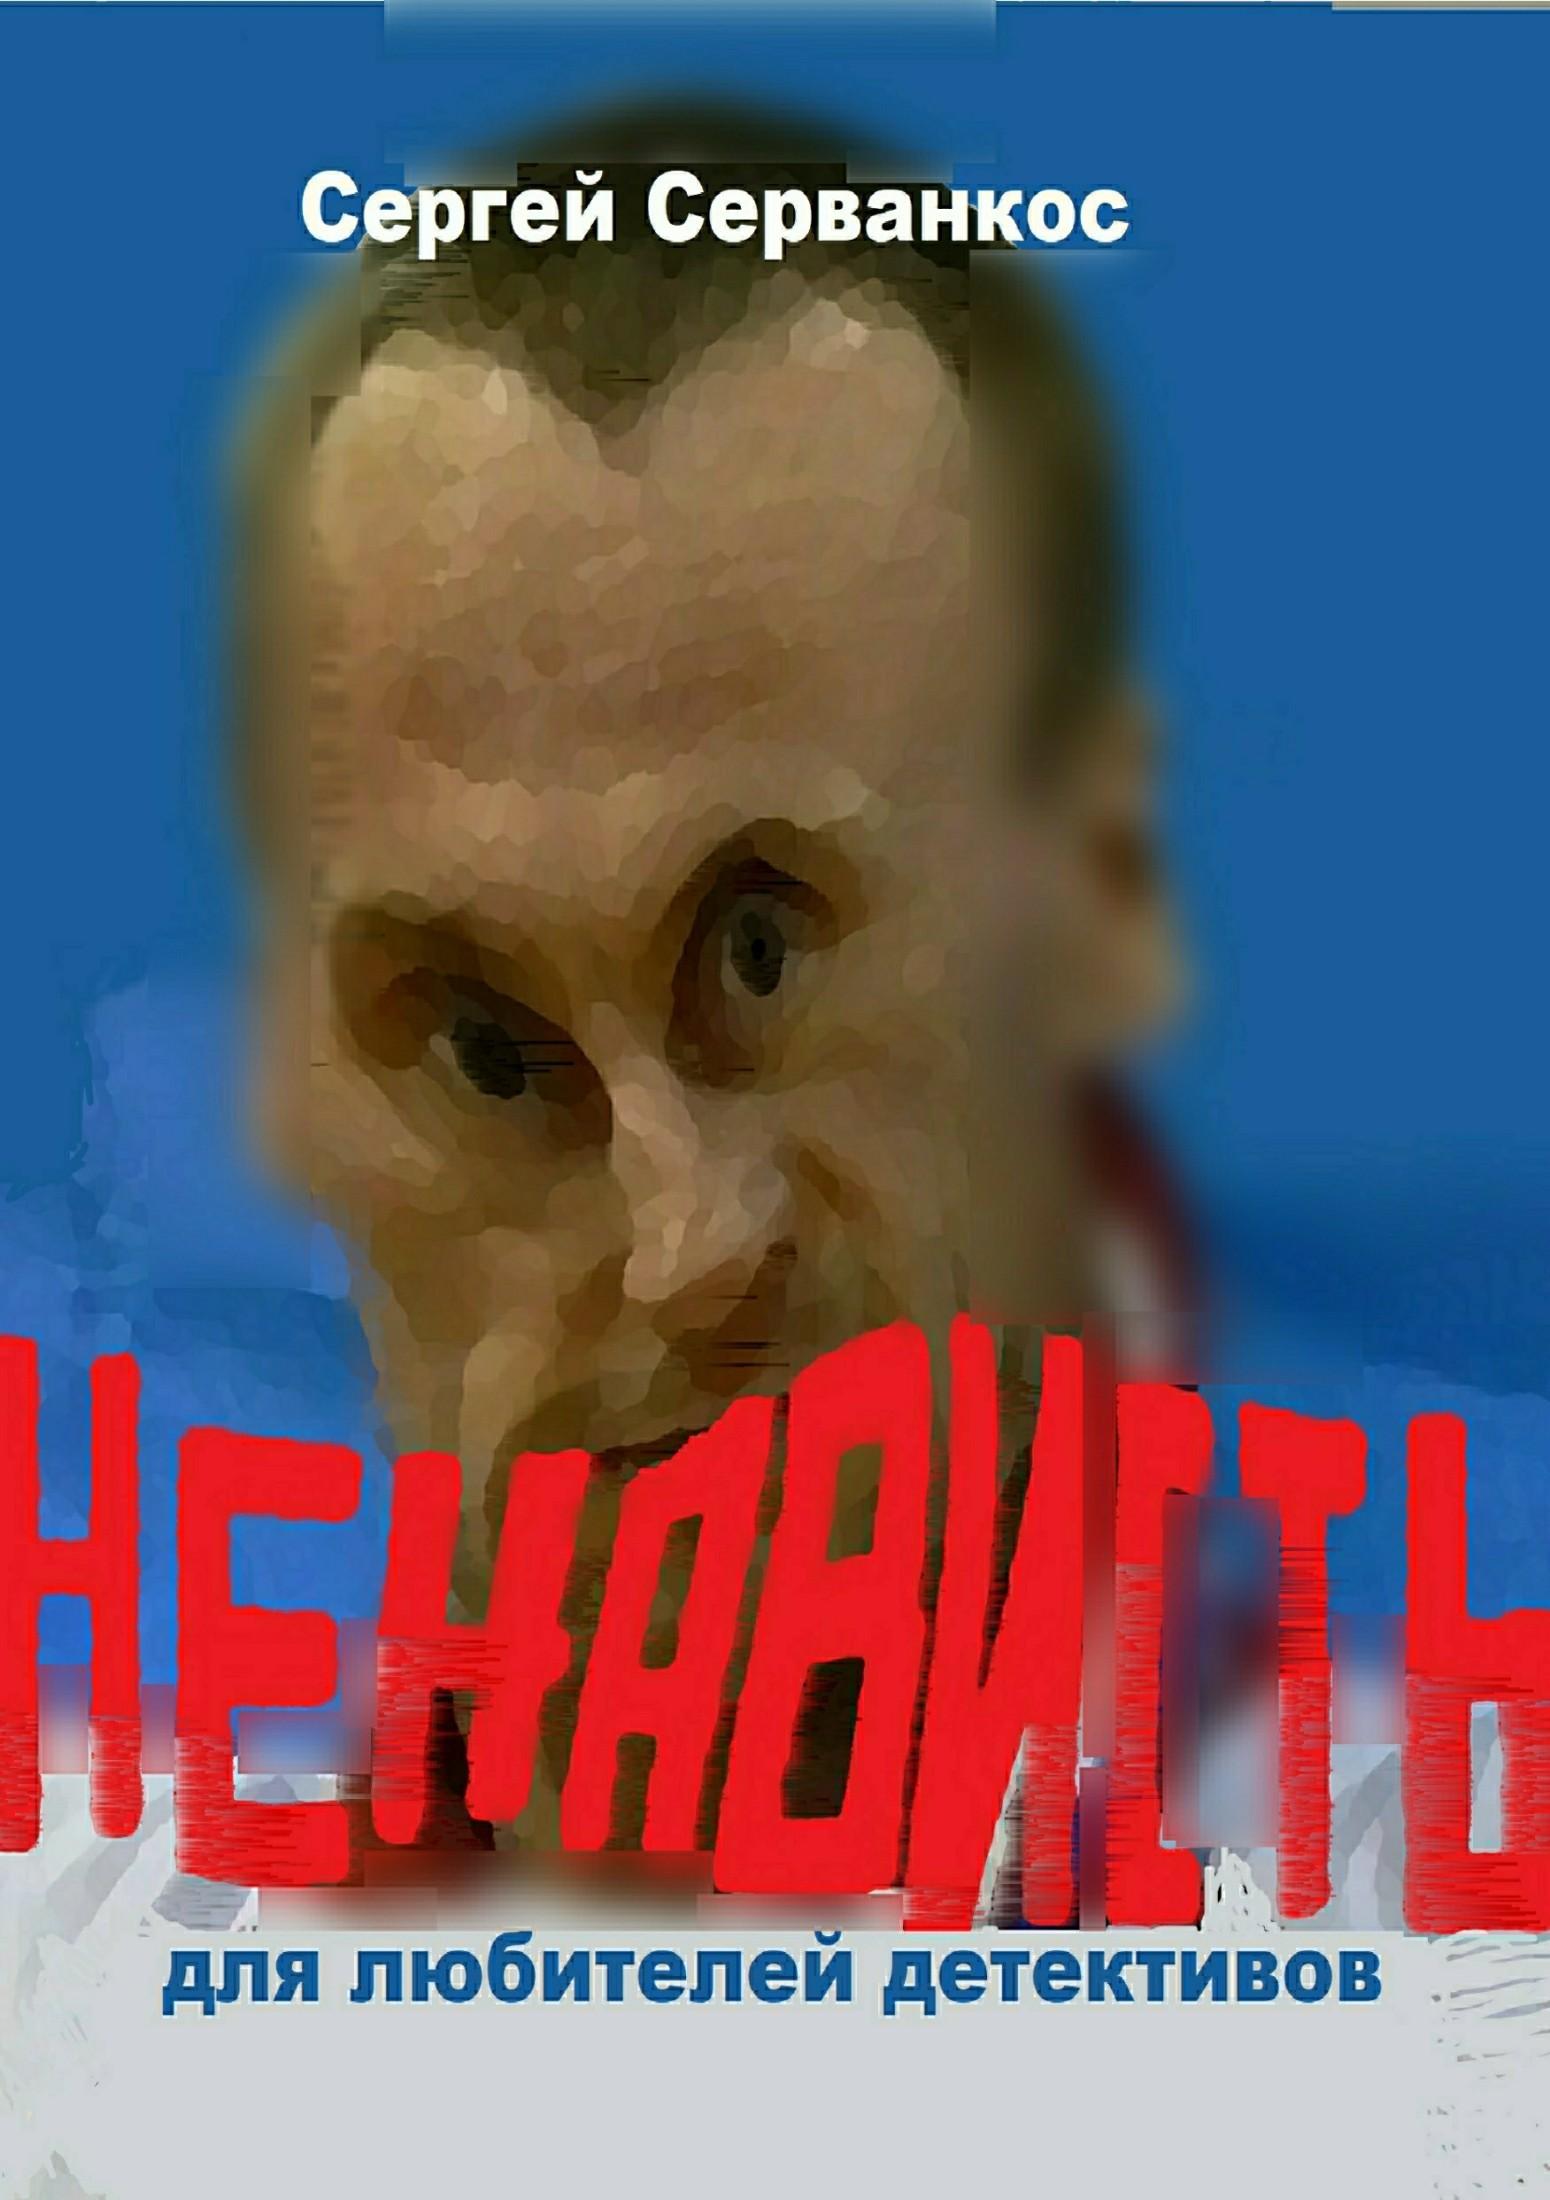 Сергей Иванович Серванкос Ненависть сергей серванкос творец молодость человечества книга4